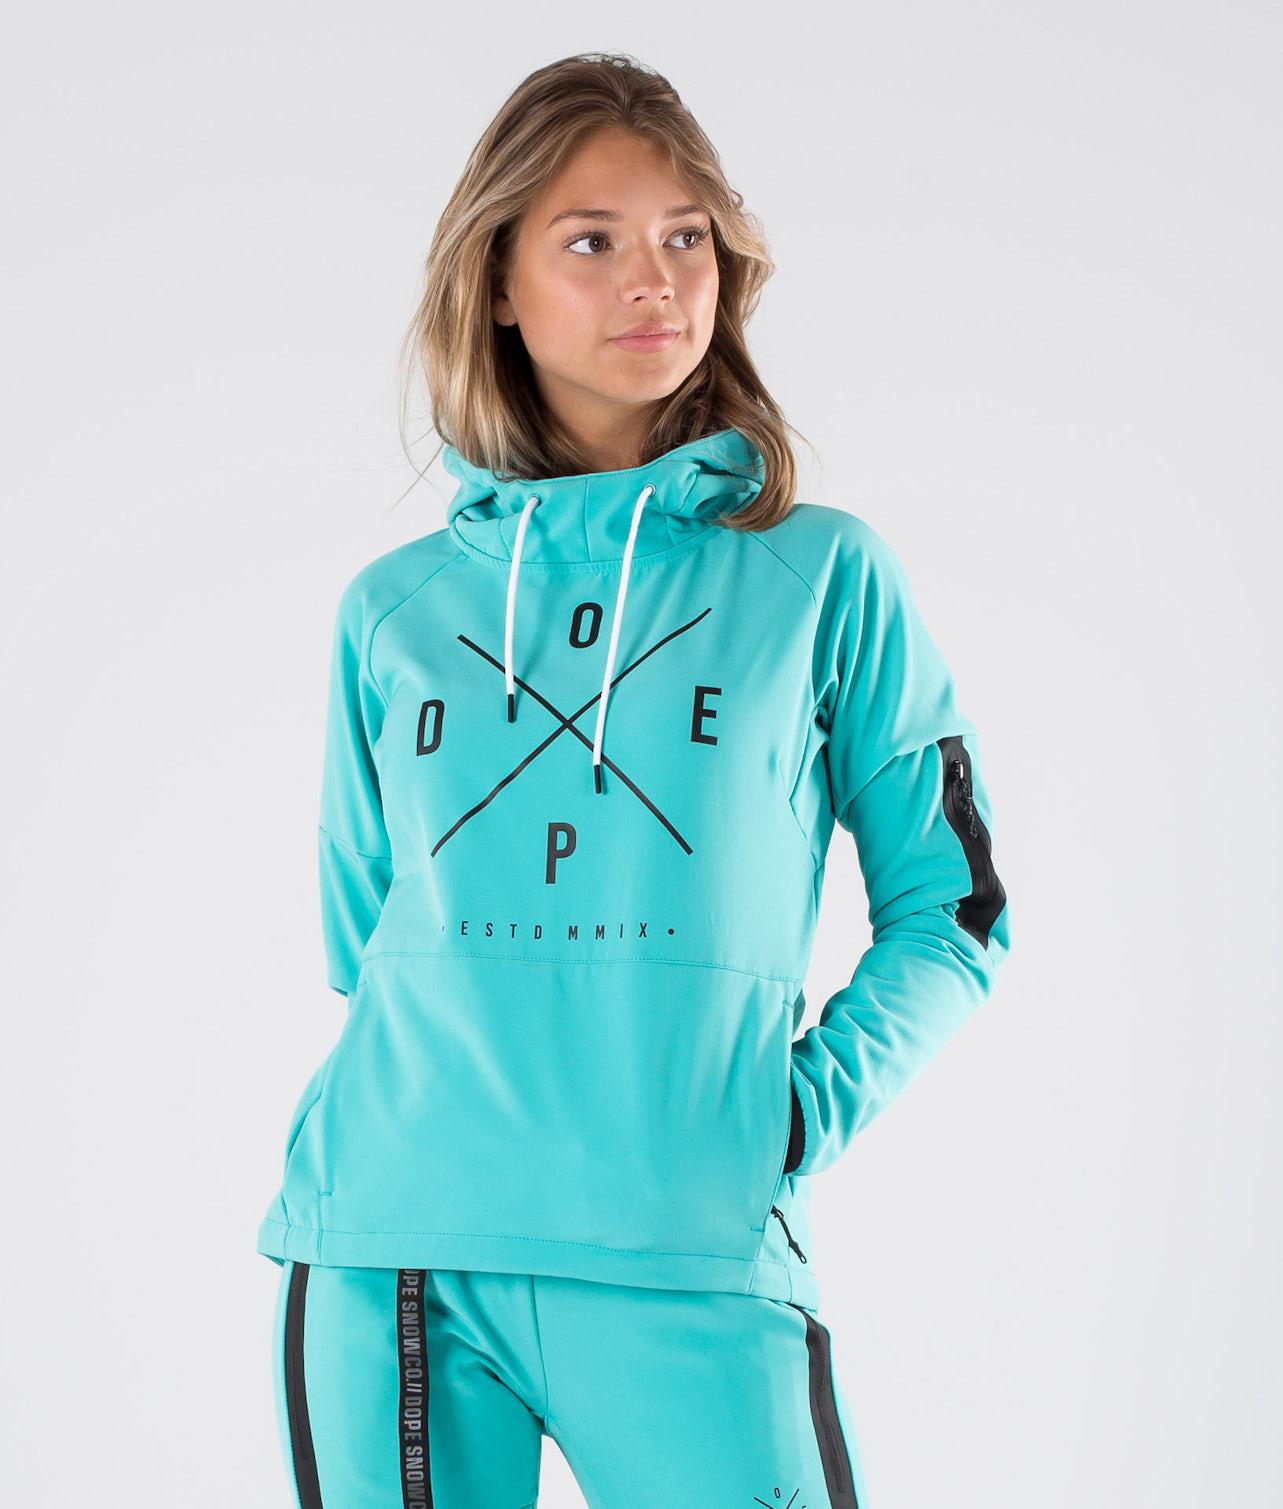 Kjøp Rambler W Turjakke fra Dope på Ridestore.no - Hos oss har du alltid fri frakt, fri retur og 30 dagers åpent kjøp!